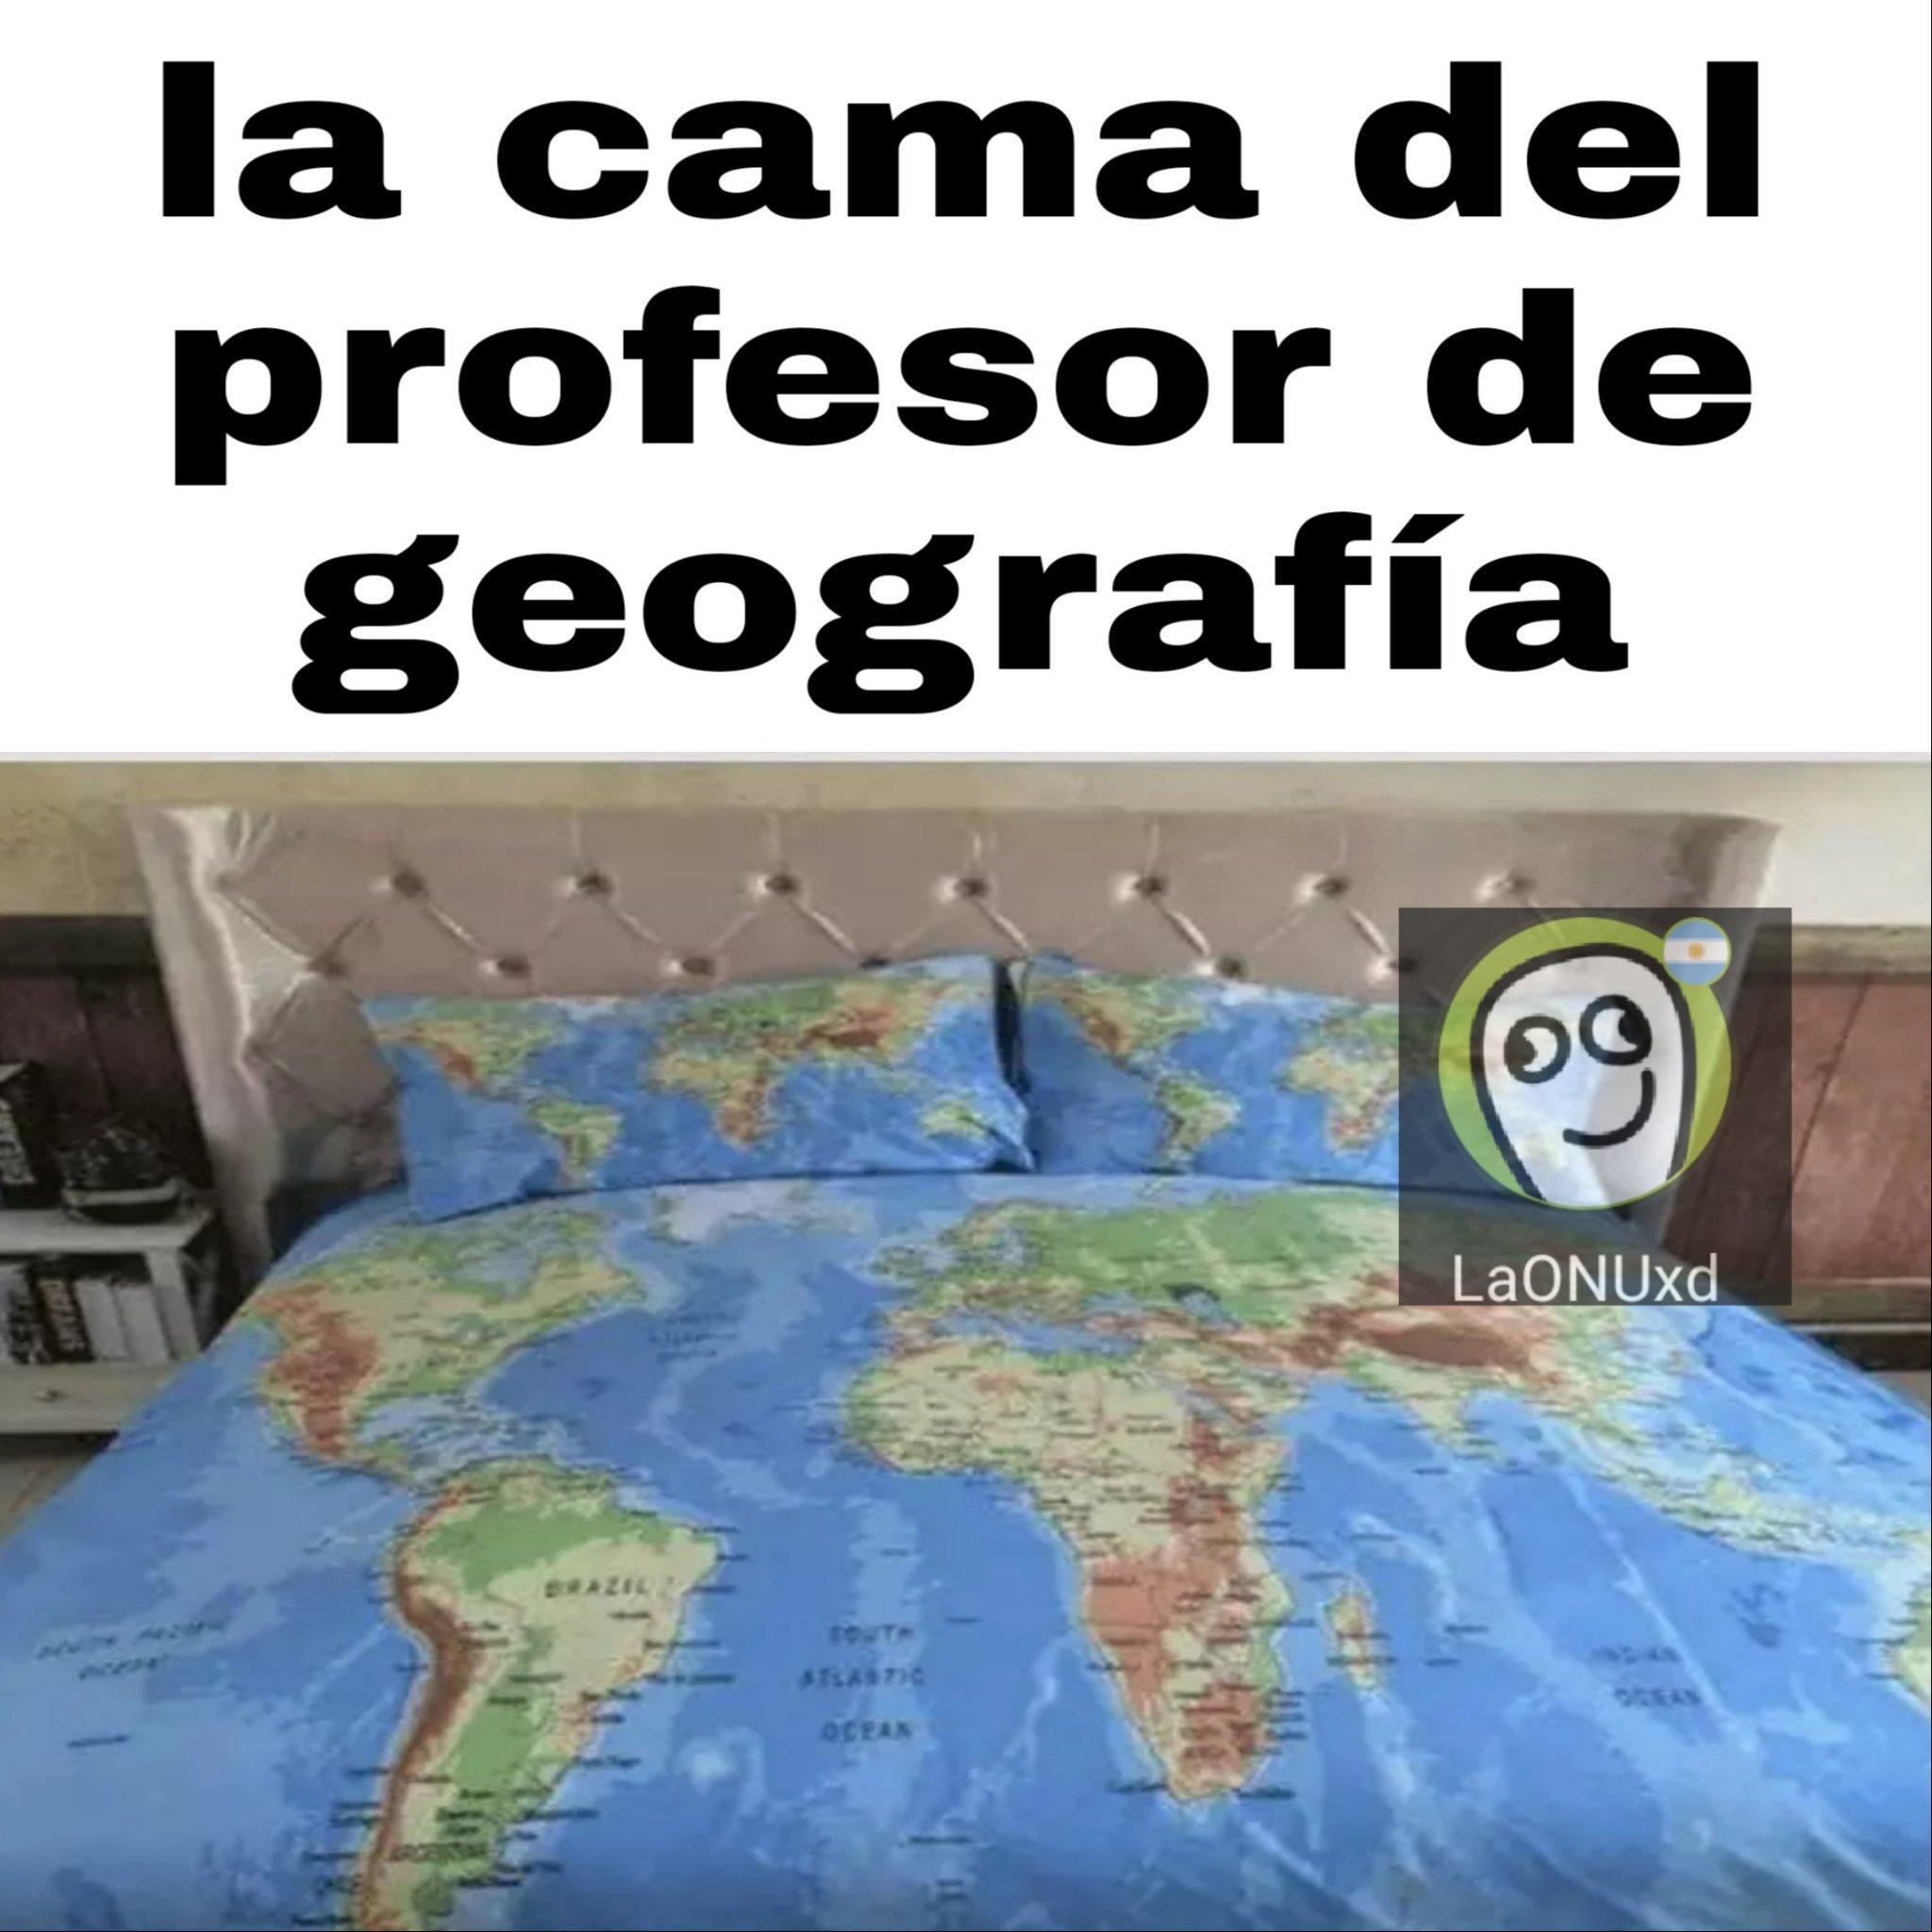 Geografía - meme